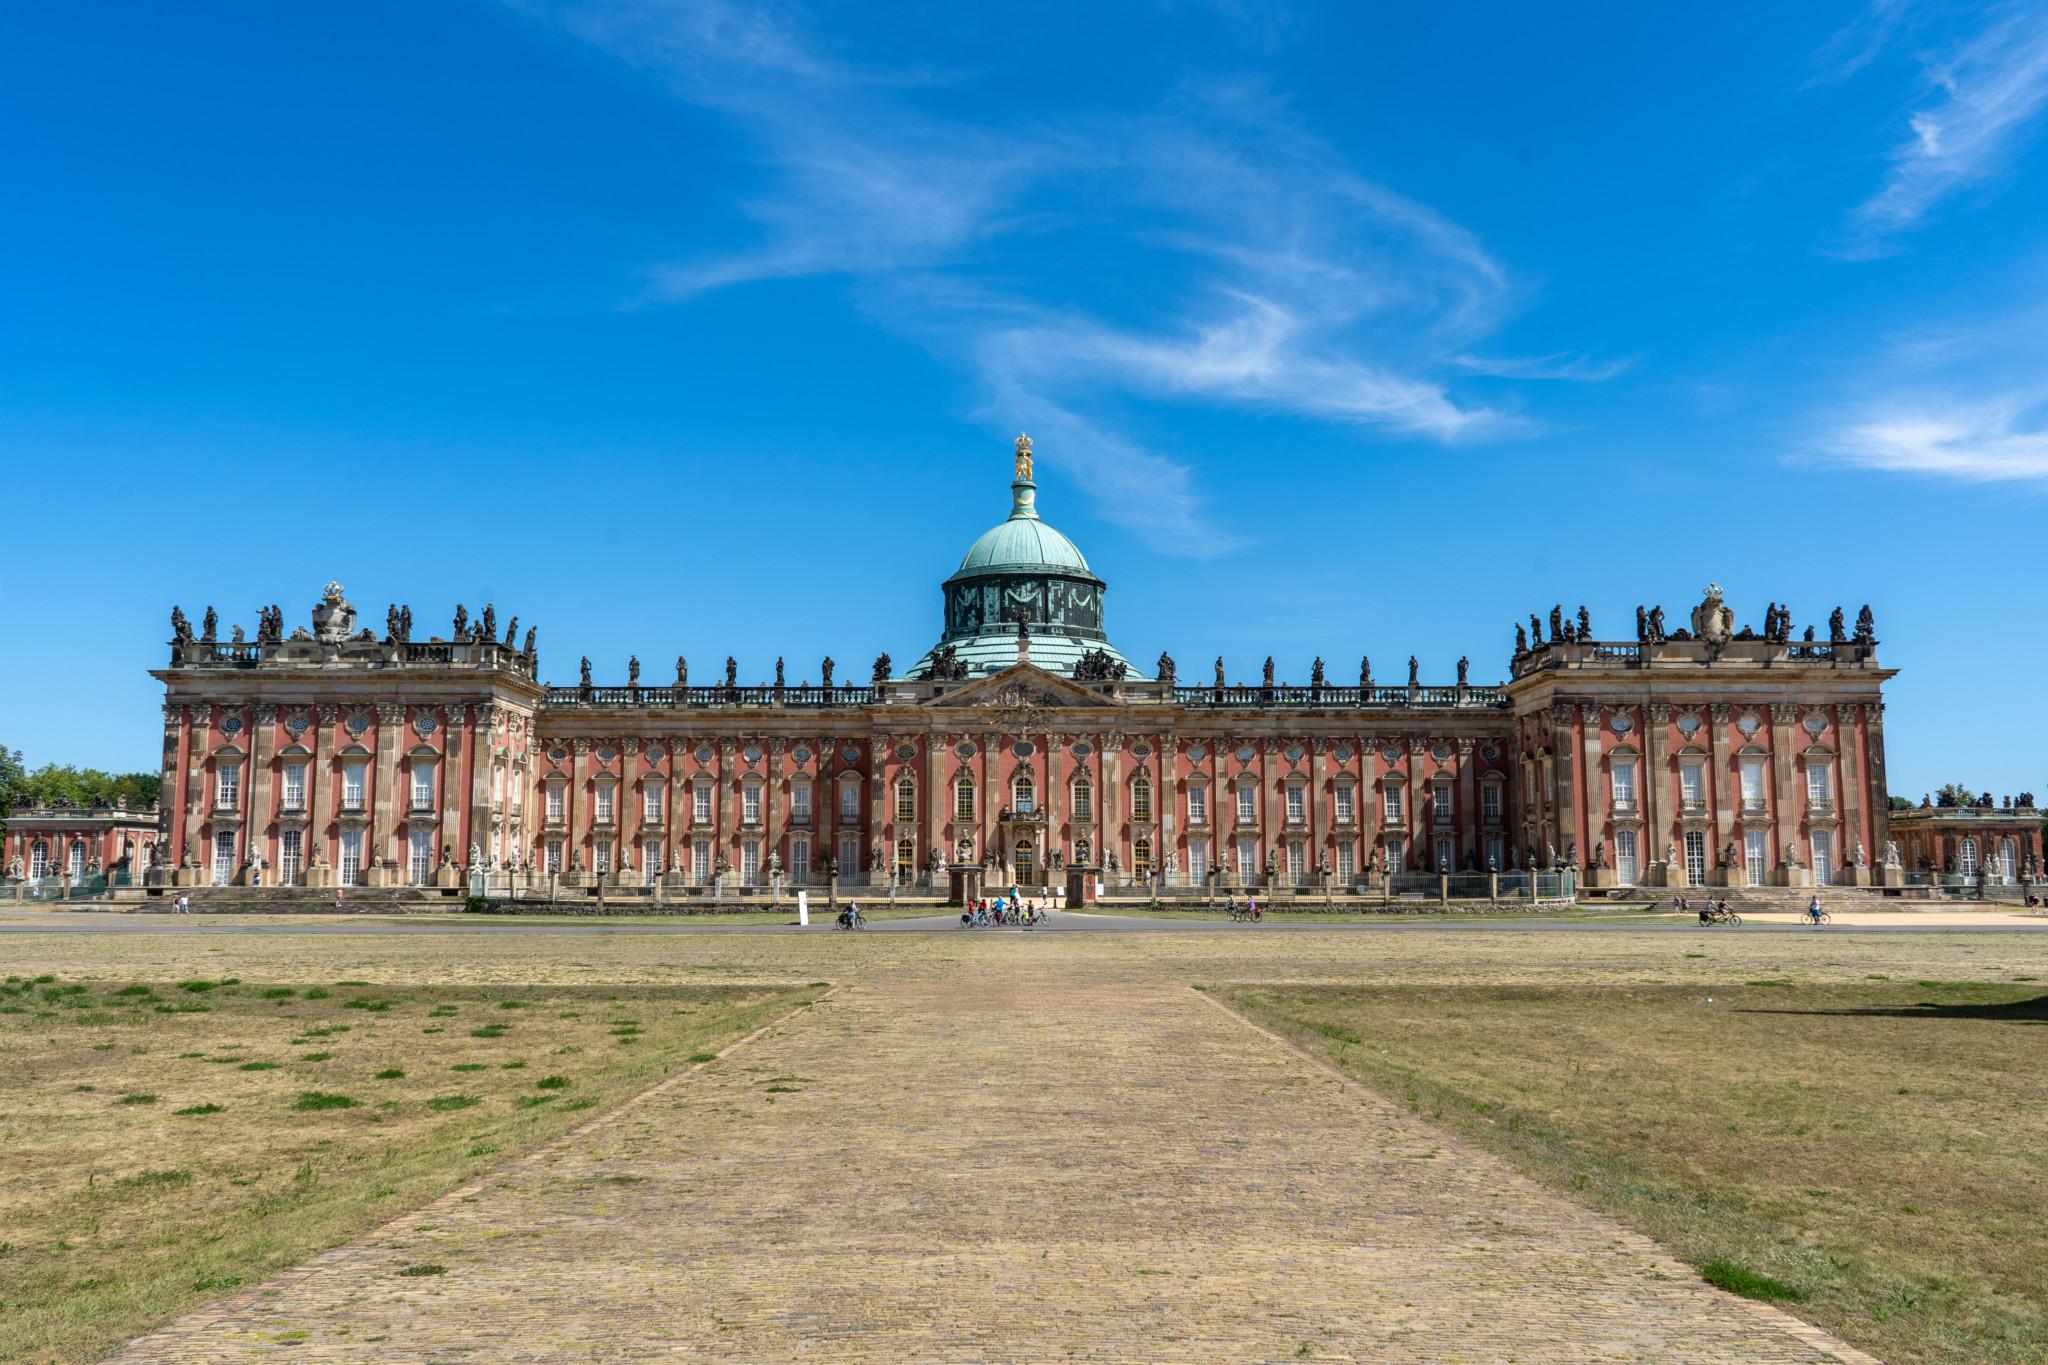 Das Neue Palais gehört zu den wichtigsten Potsdam Sehenswürdigkeiten